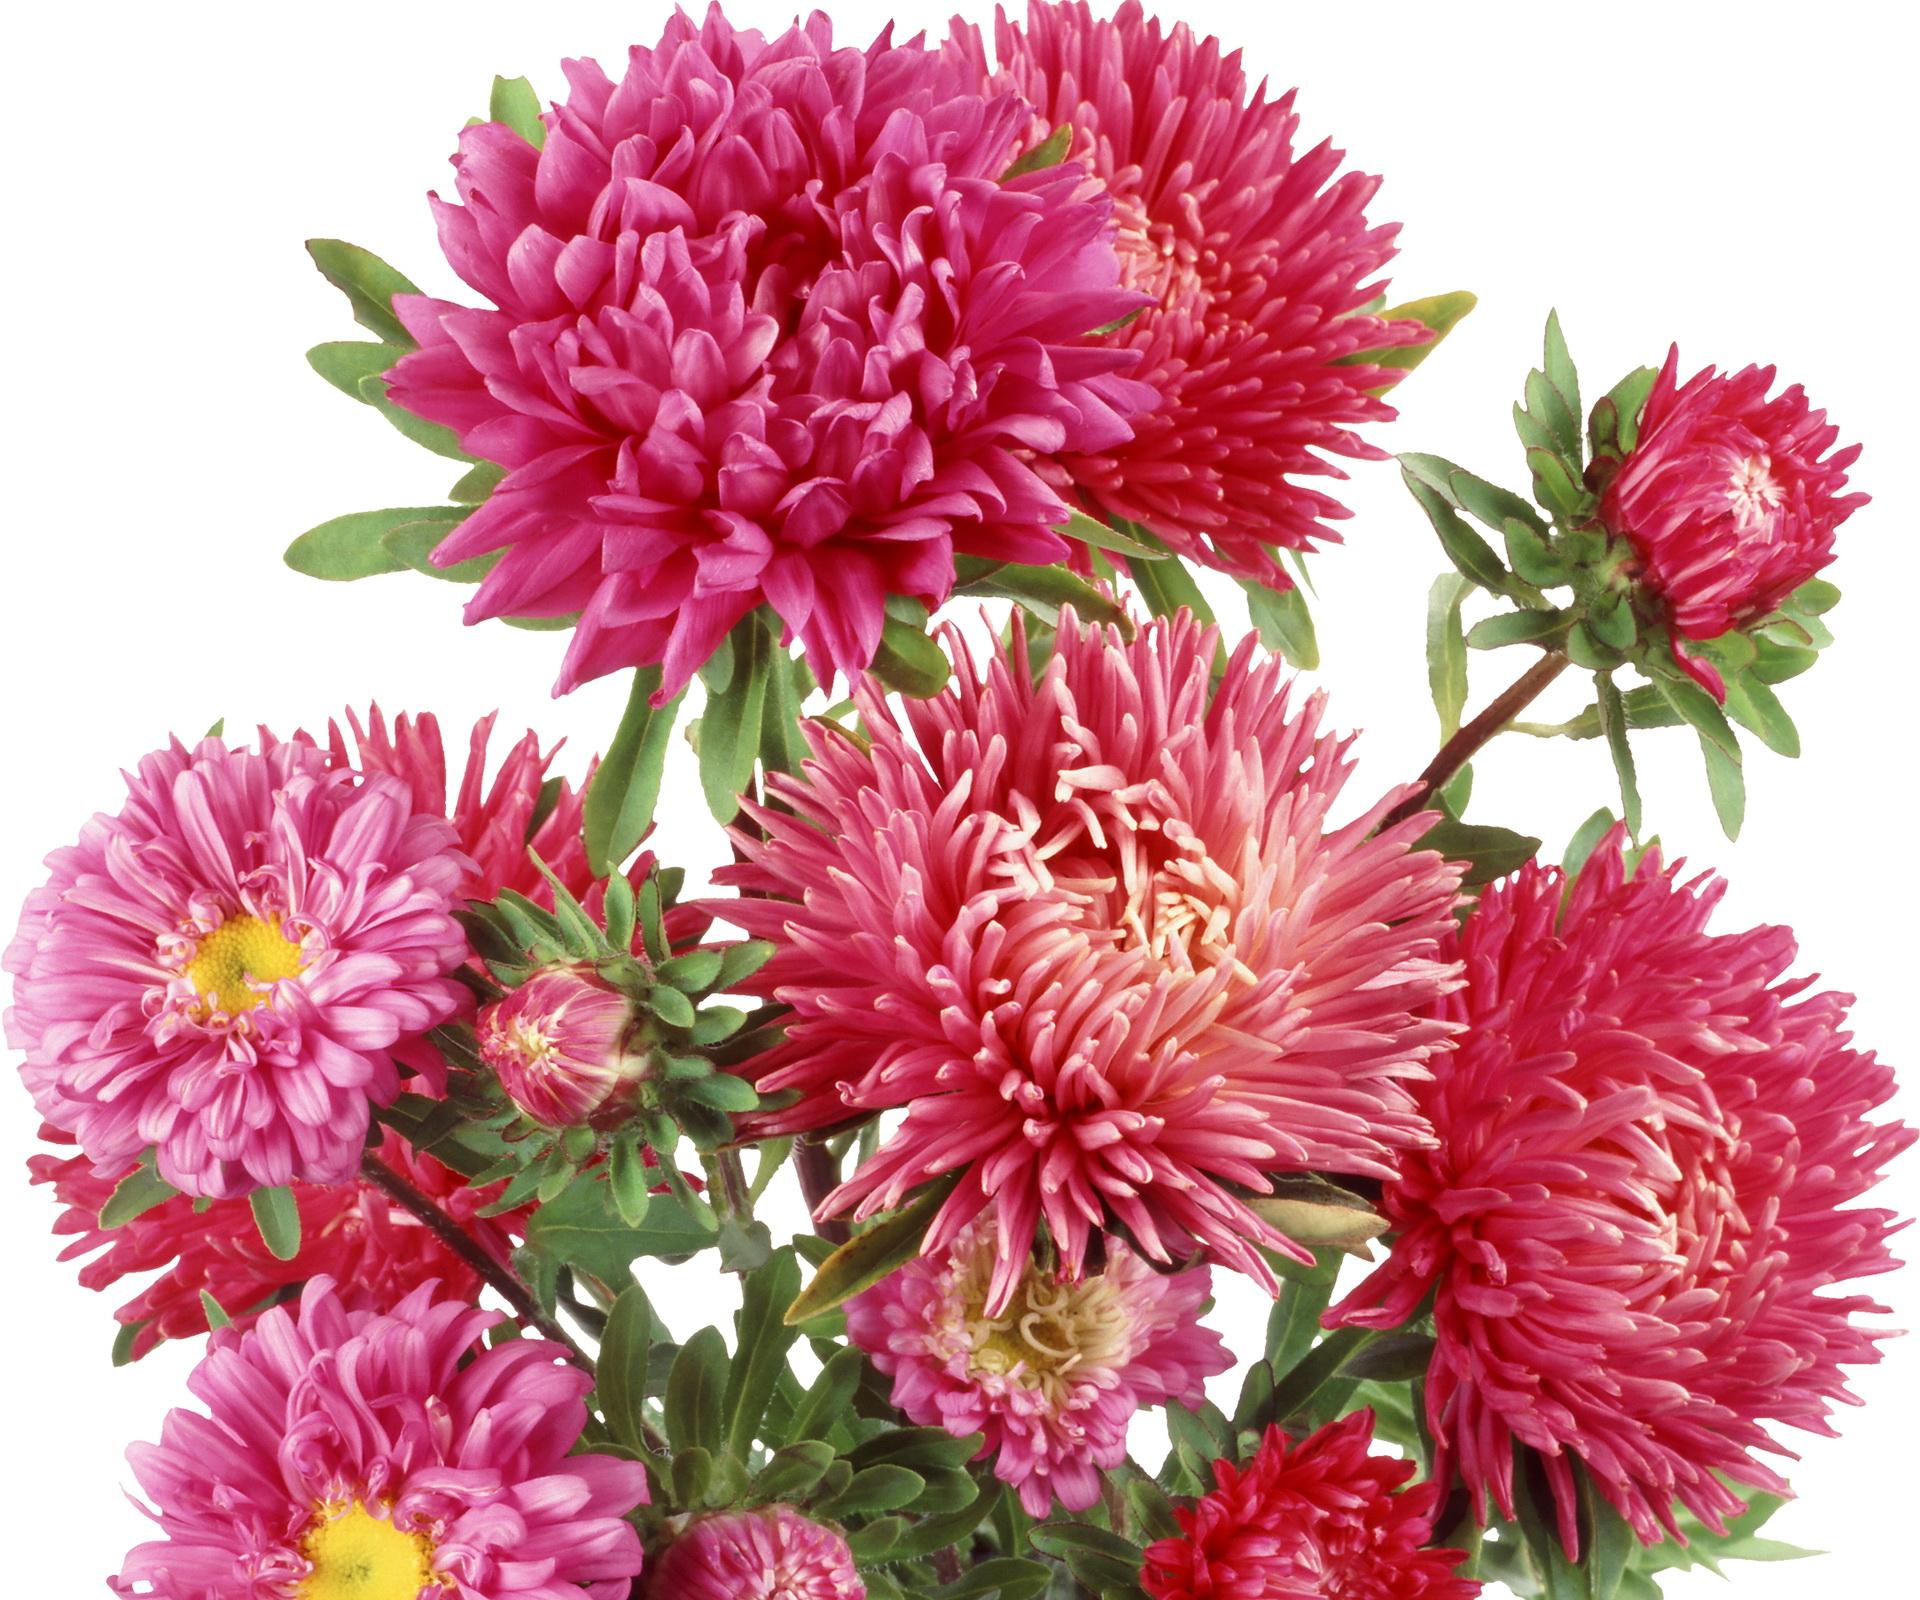 Обои на рабочий стол Цветы хризантемы   подборка (1)